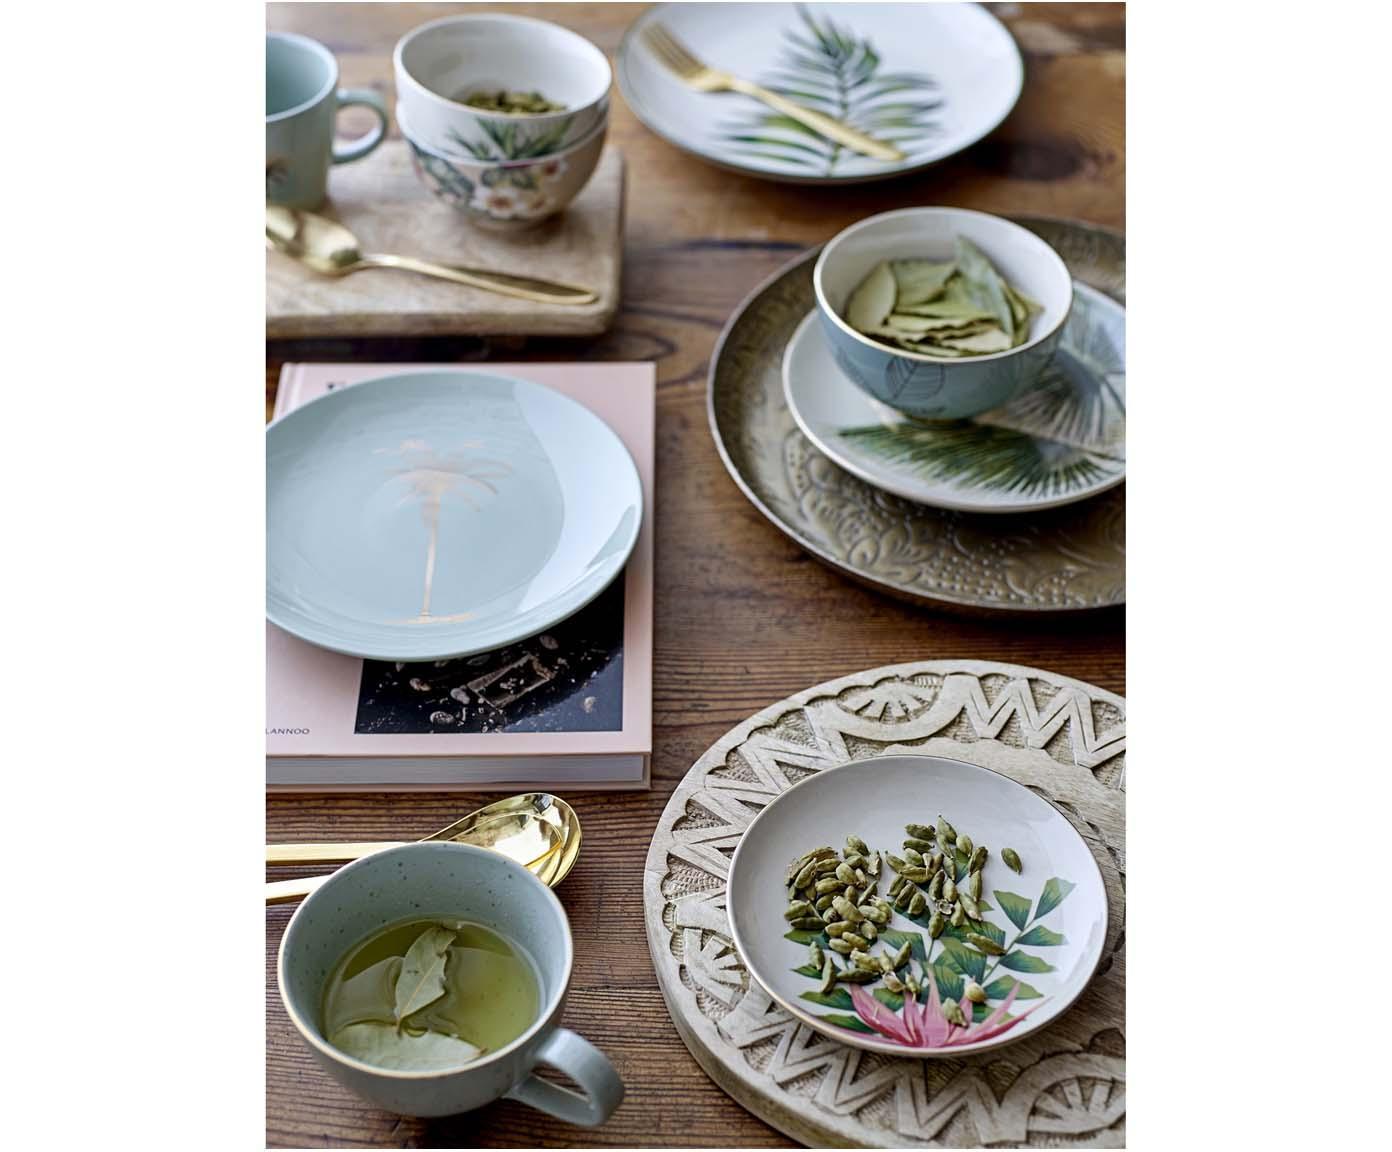 Speiseteller Moana mit tropischem Motiv, Steingut, Grün, Weiß, Ø 25 cm